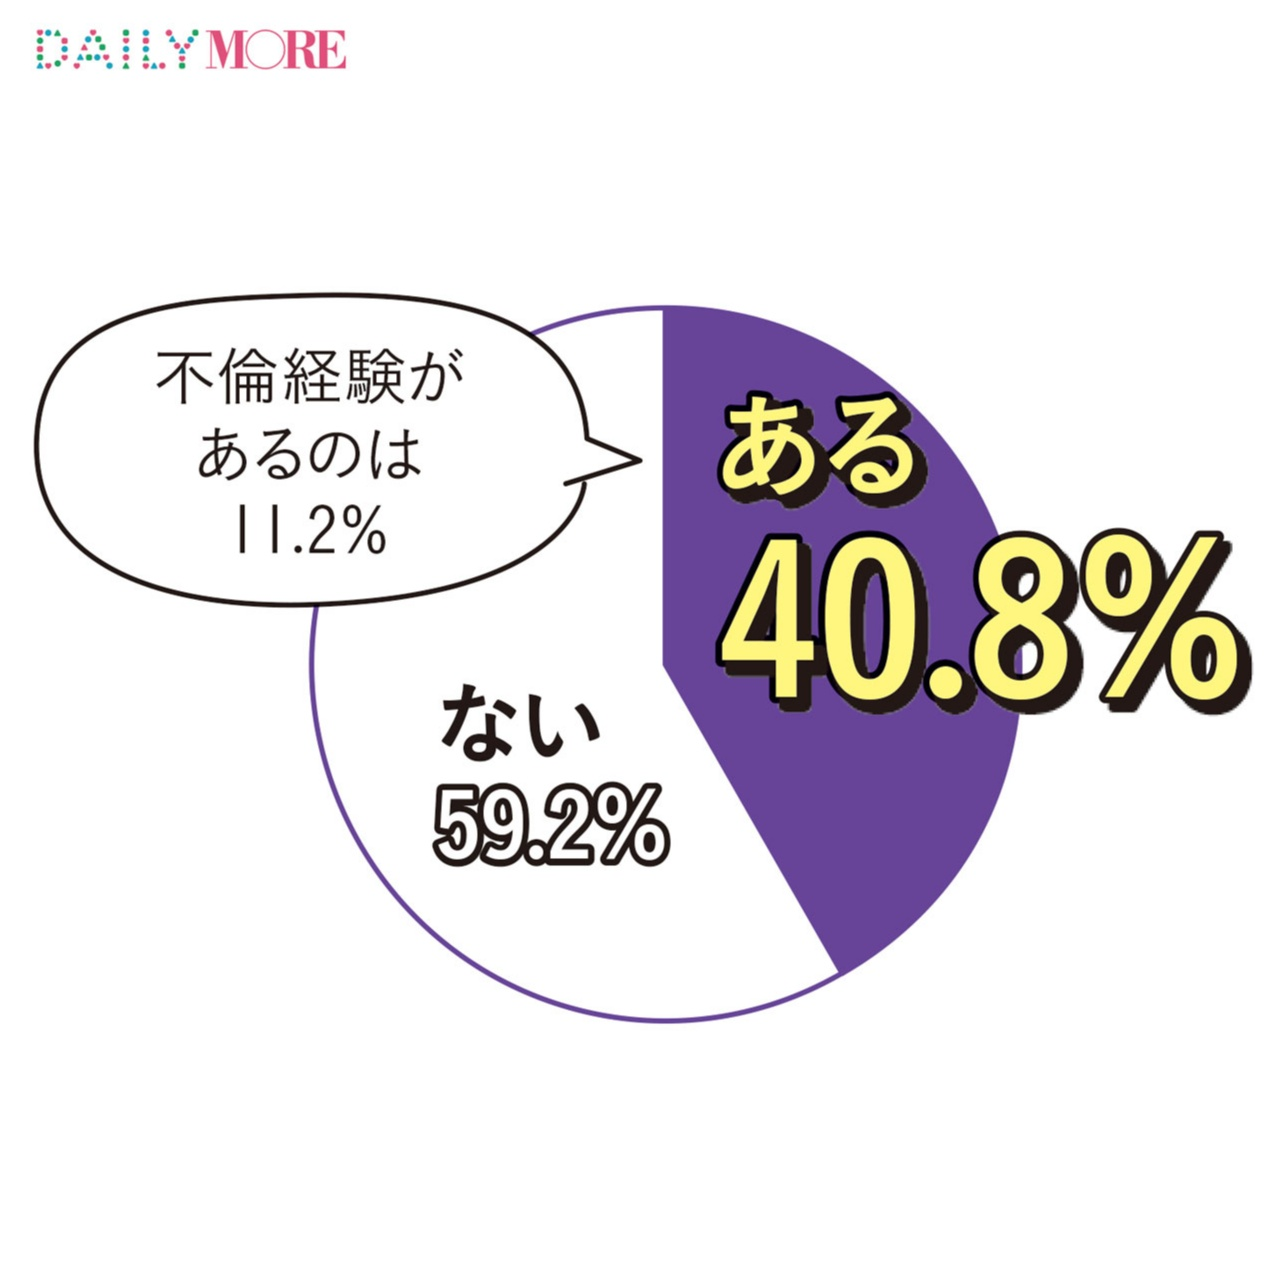 大人女子の4割は「浮気や不倫を経験済み」ってホント!? モアガール1000人の「恋する数字」【人には言えない〇〇編】_1